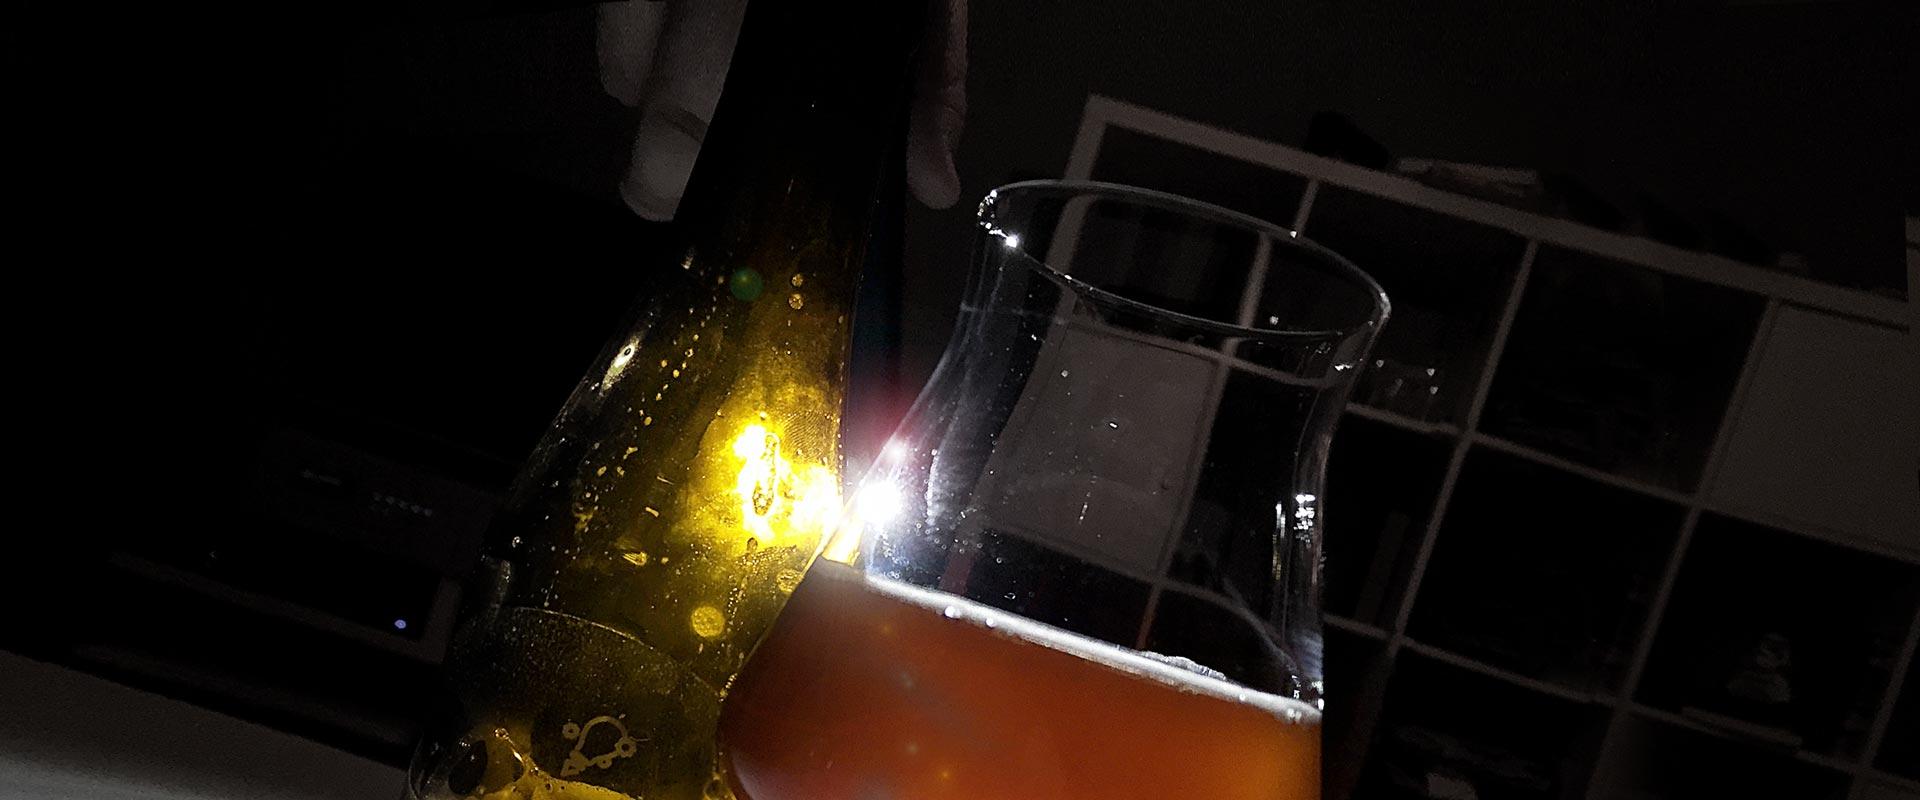 Peng: Bier!